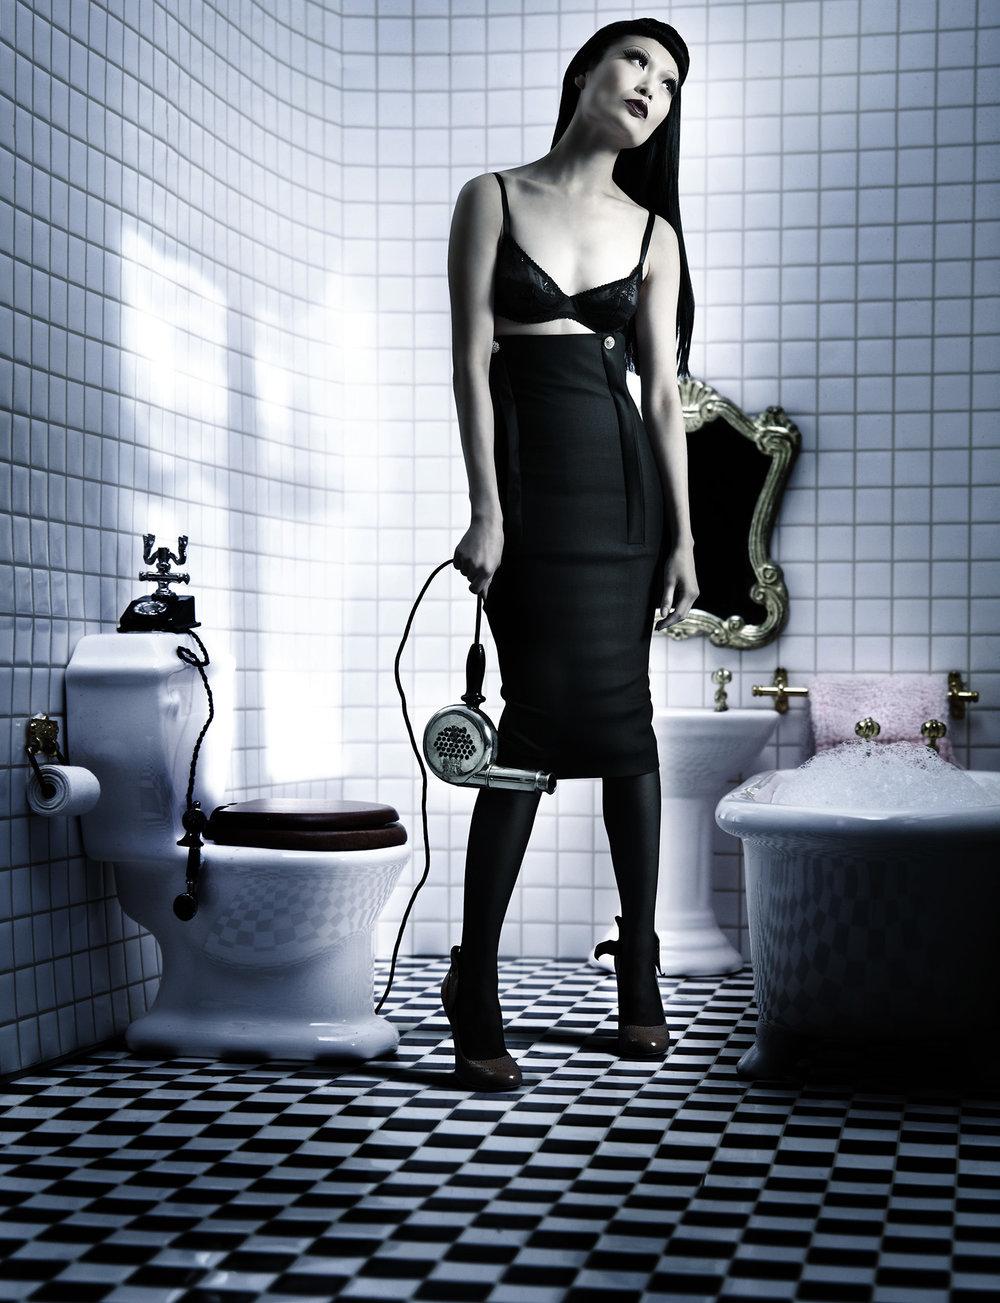 Anatol de Cap Rouge - growing up - bathroom